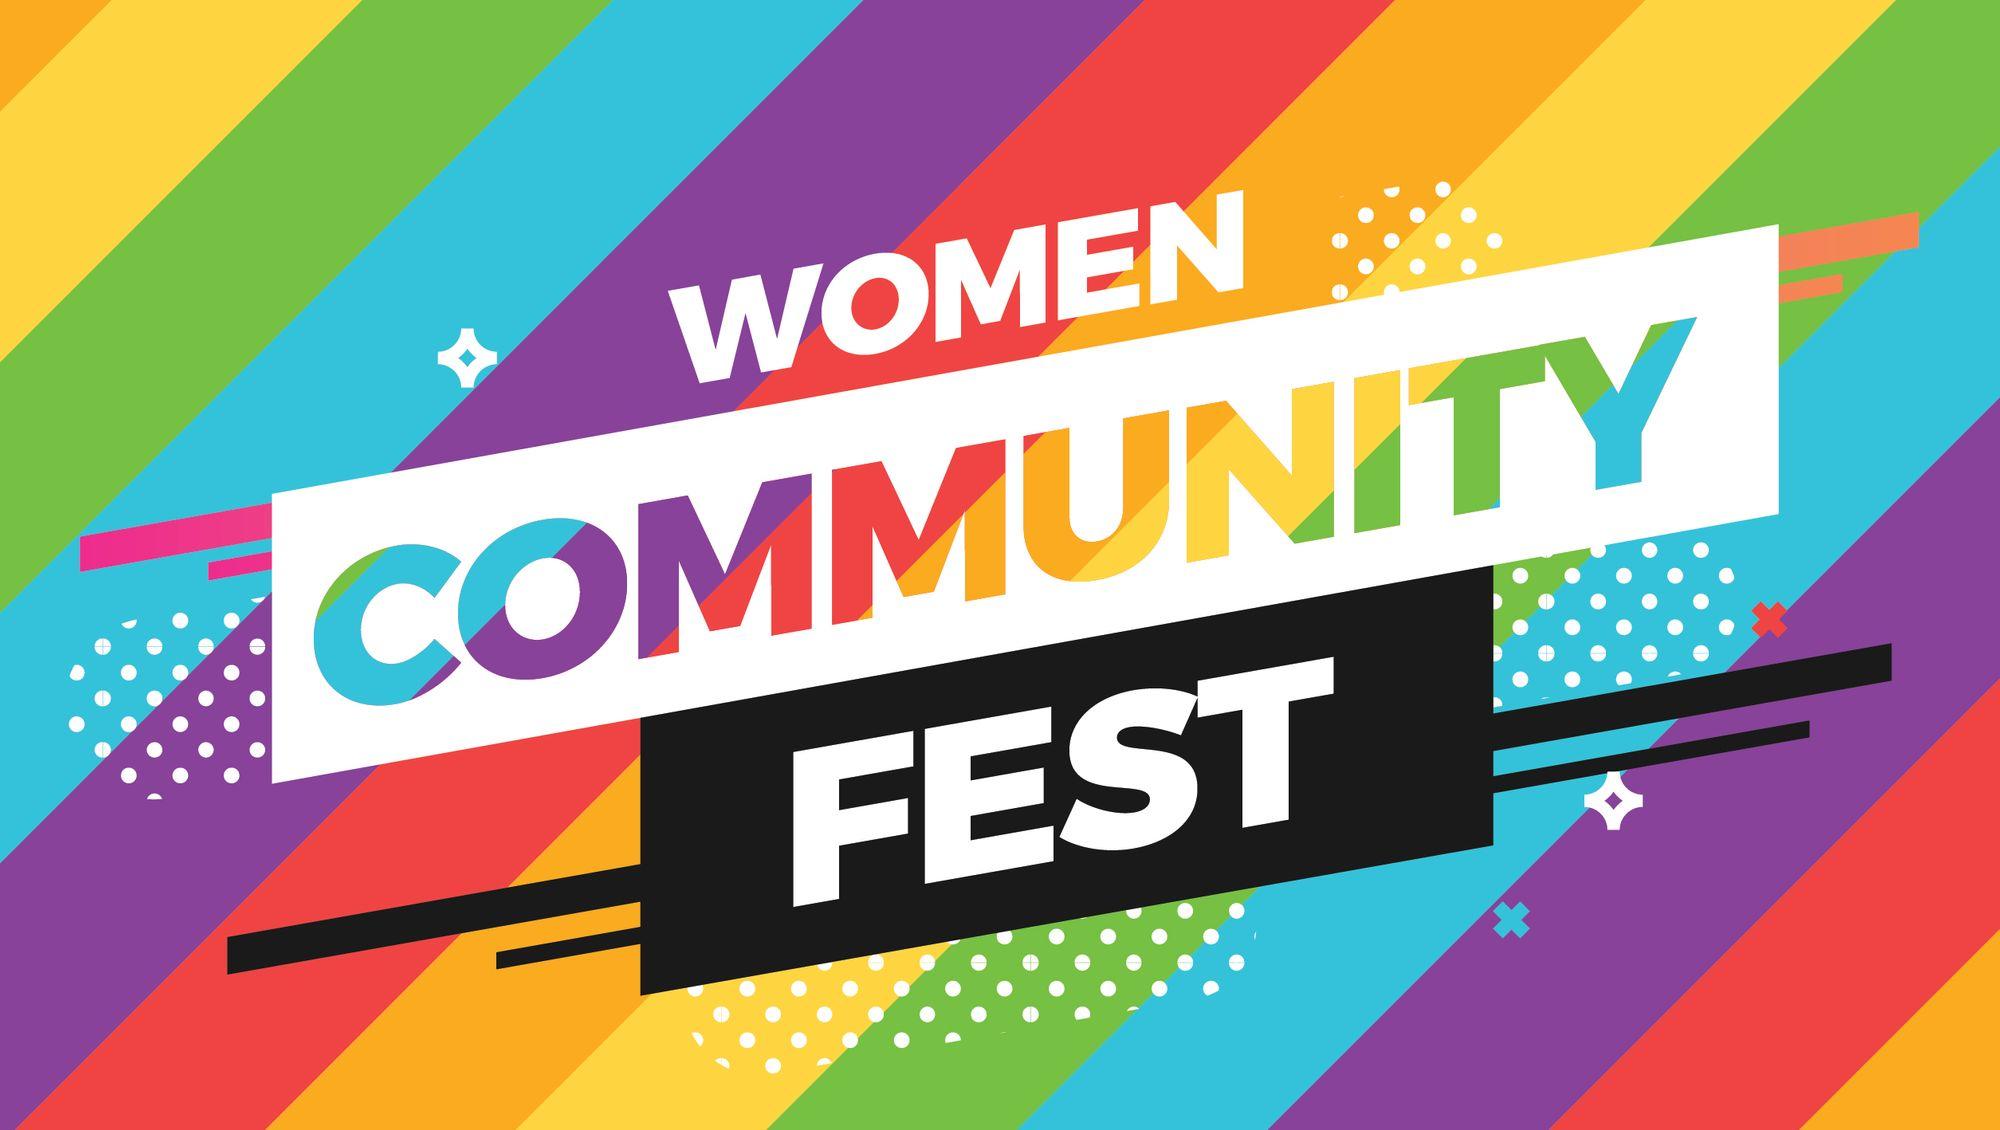 ¿Qué es Women Community Fest?